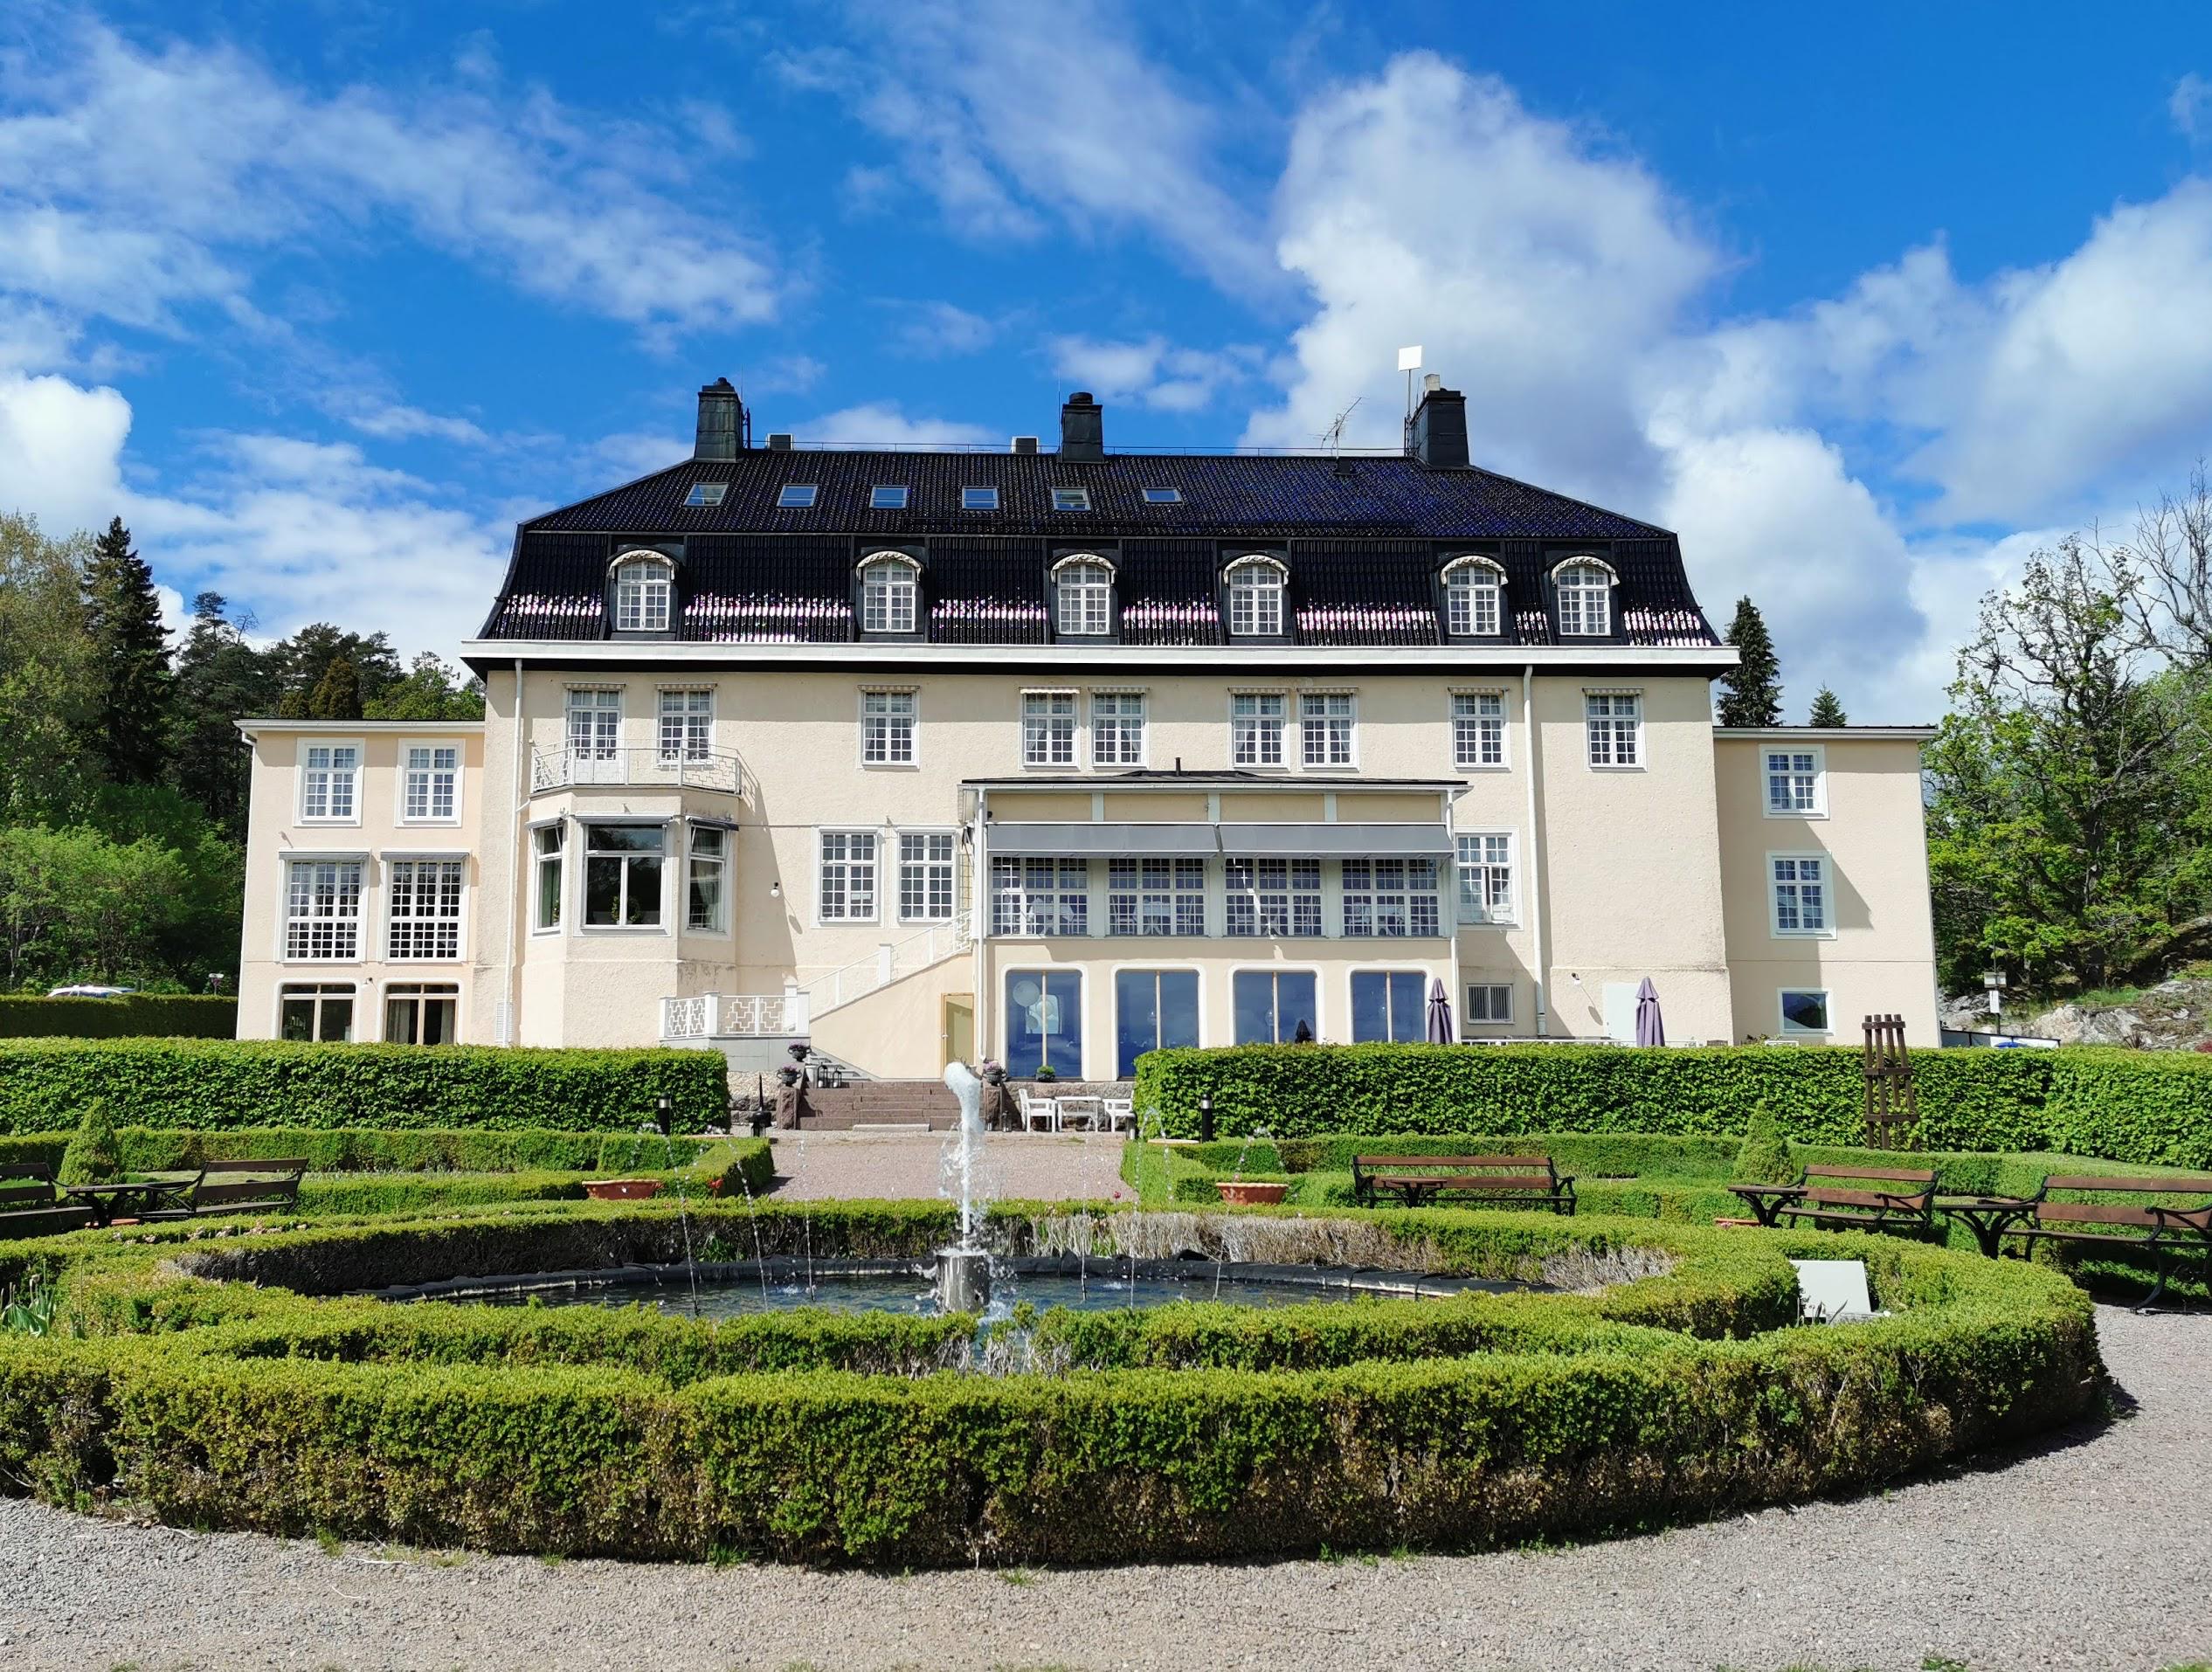 Hotel Kolmarden review